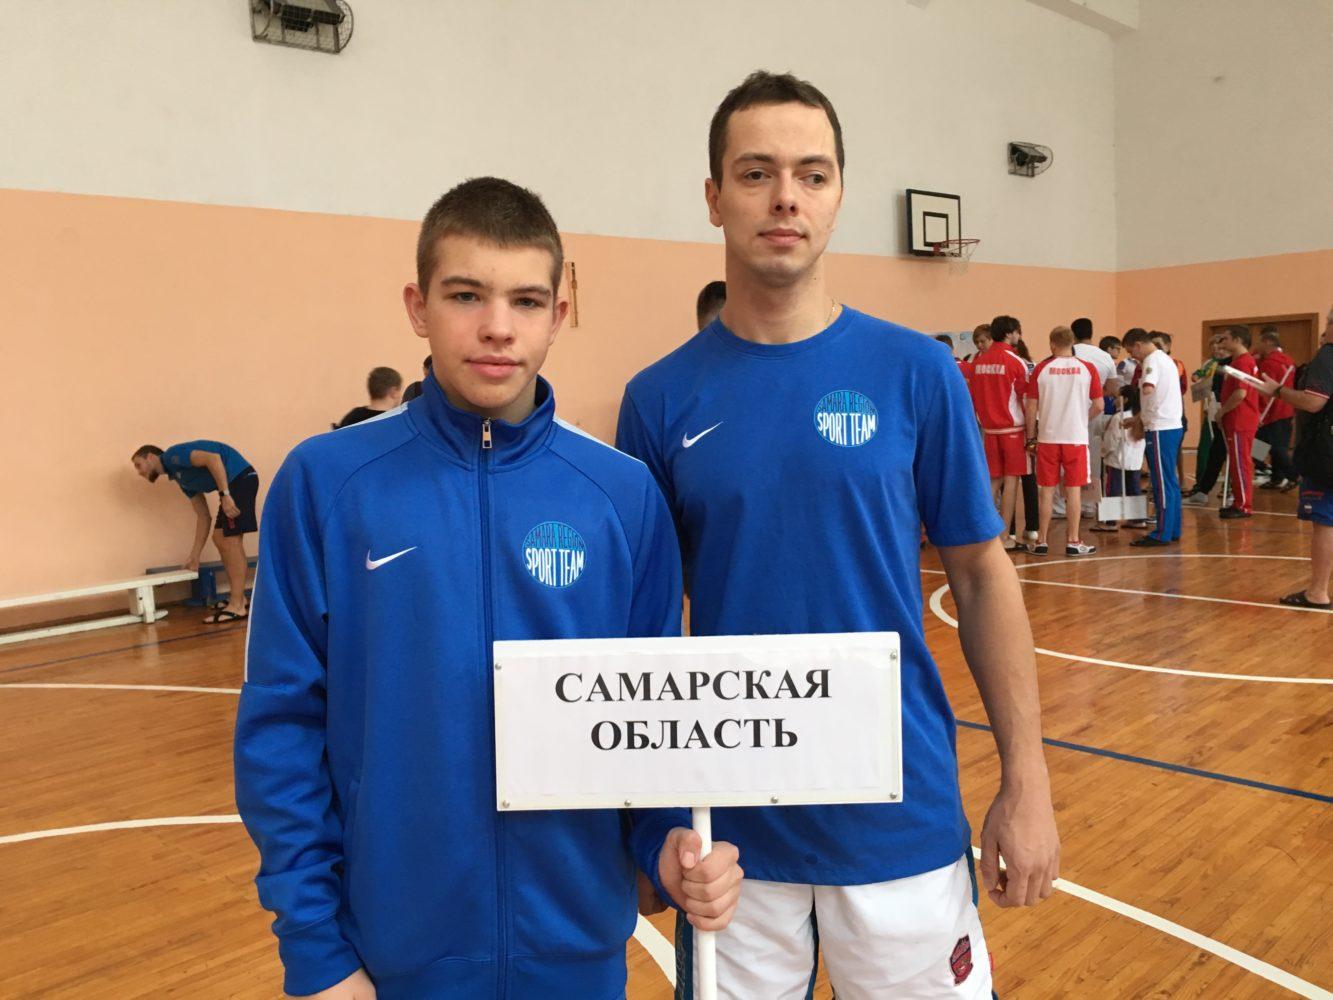 Тольяттинец Сергей Сухарев выиграл Кубок России